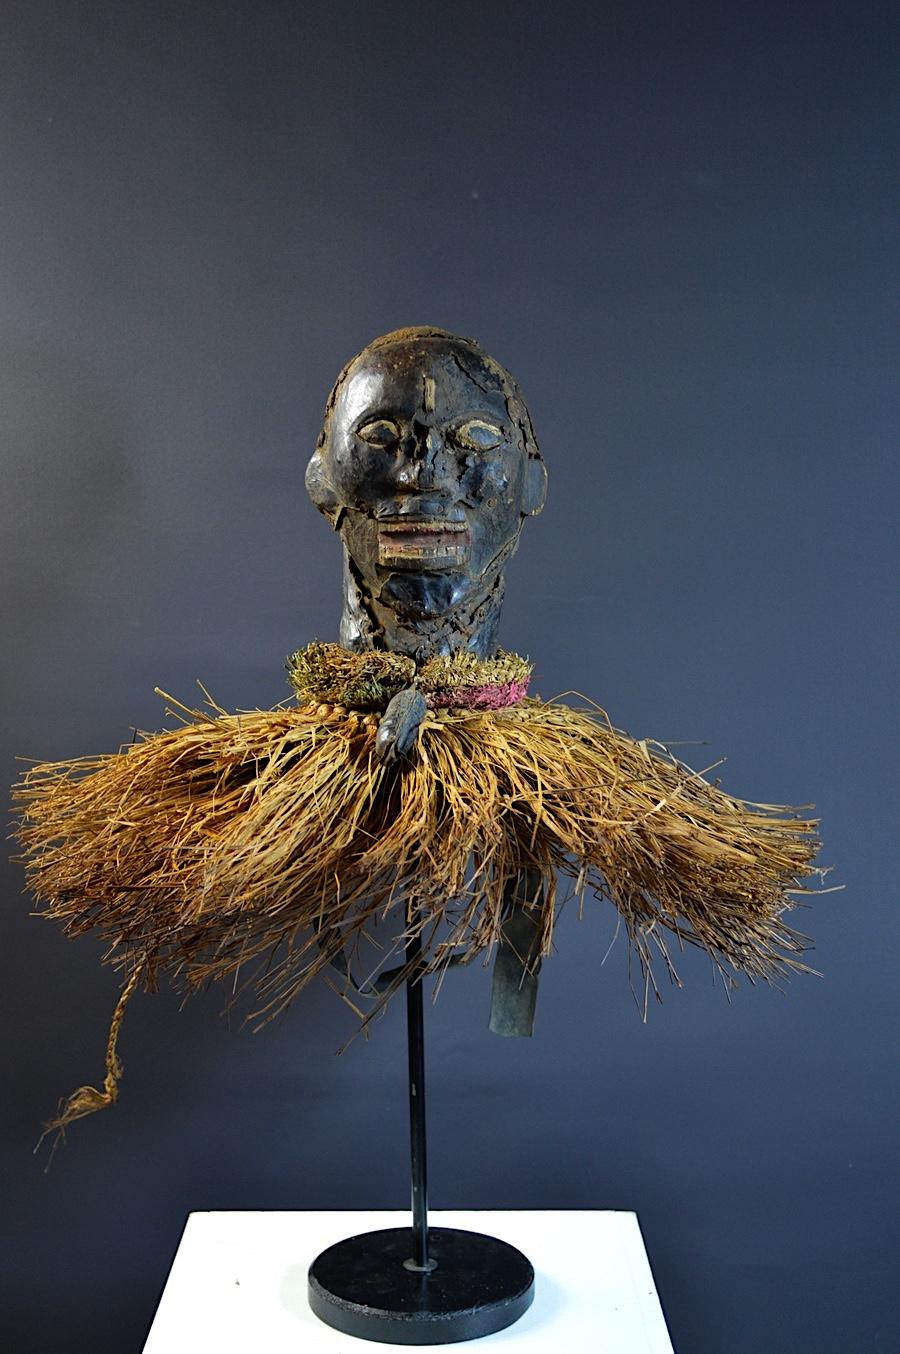 Ekoi Skin covered headdress